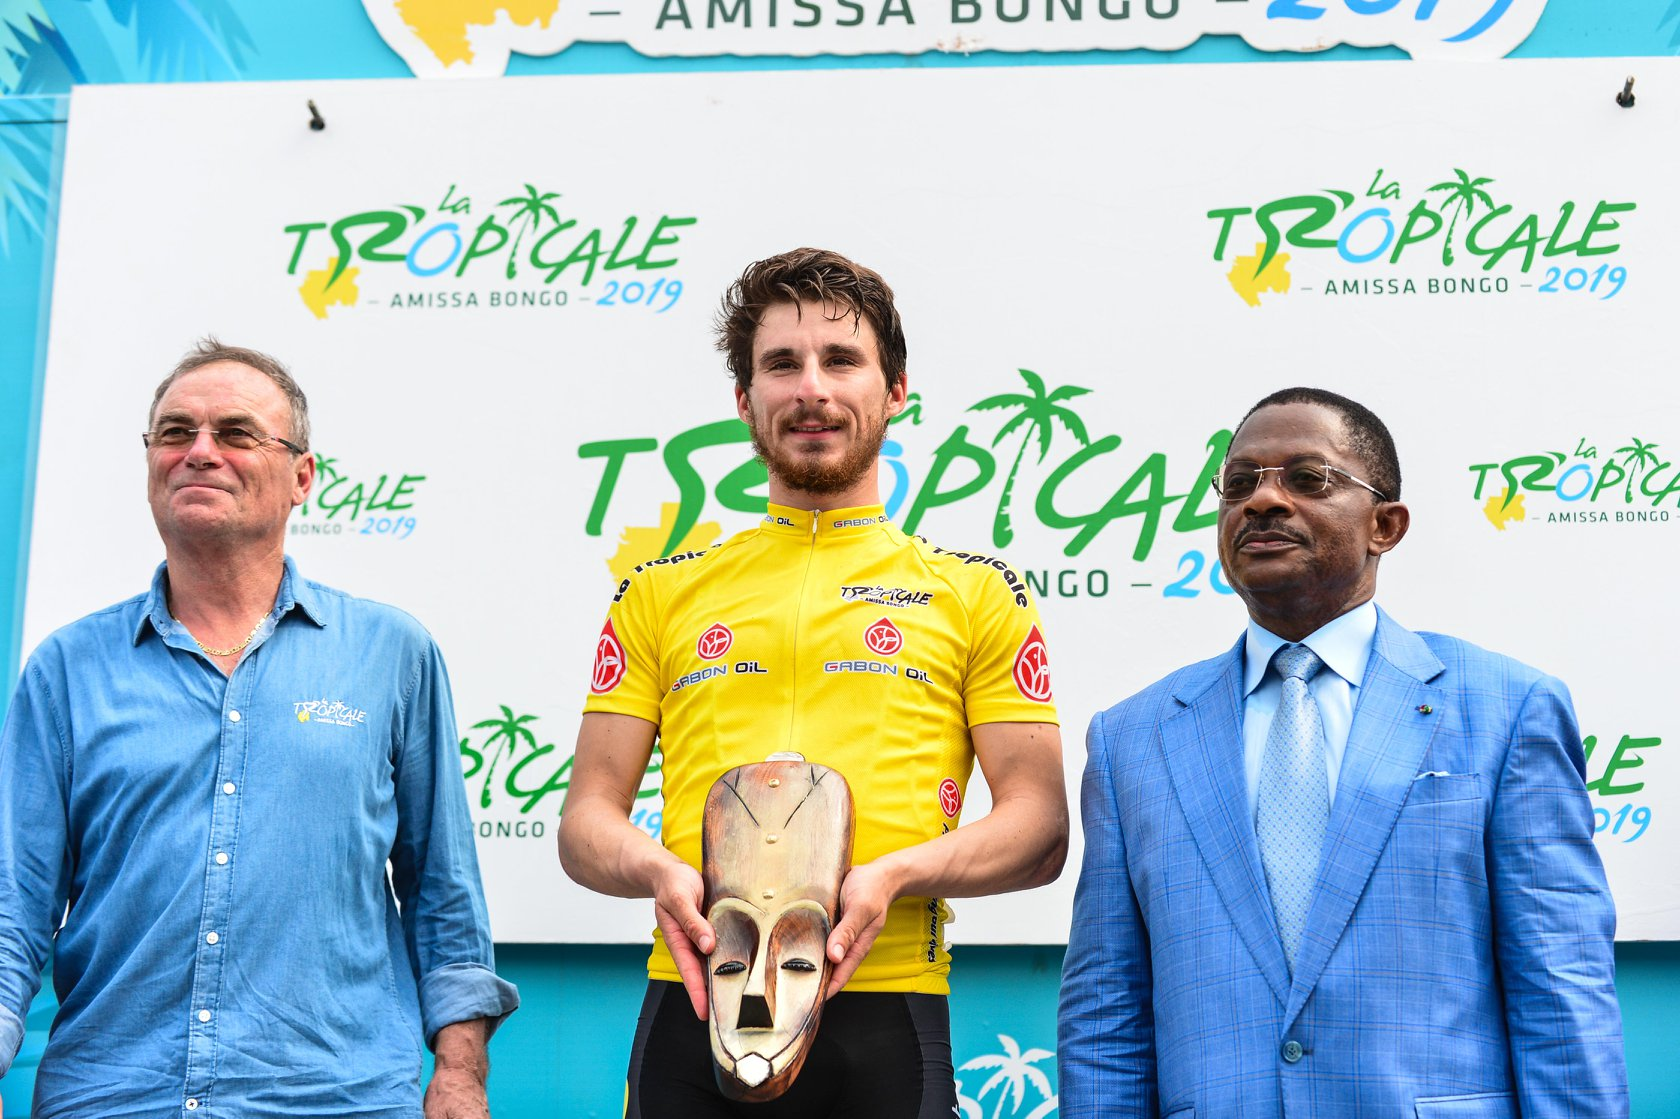 Nicolò Bonifazio vince la terza tappa e resta leader della Tropicale Amissa Bongo